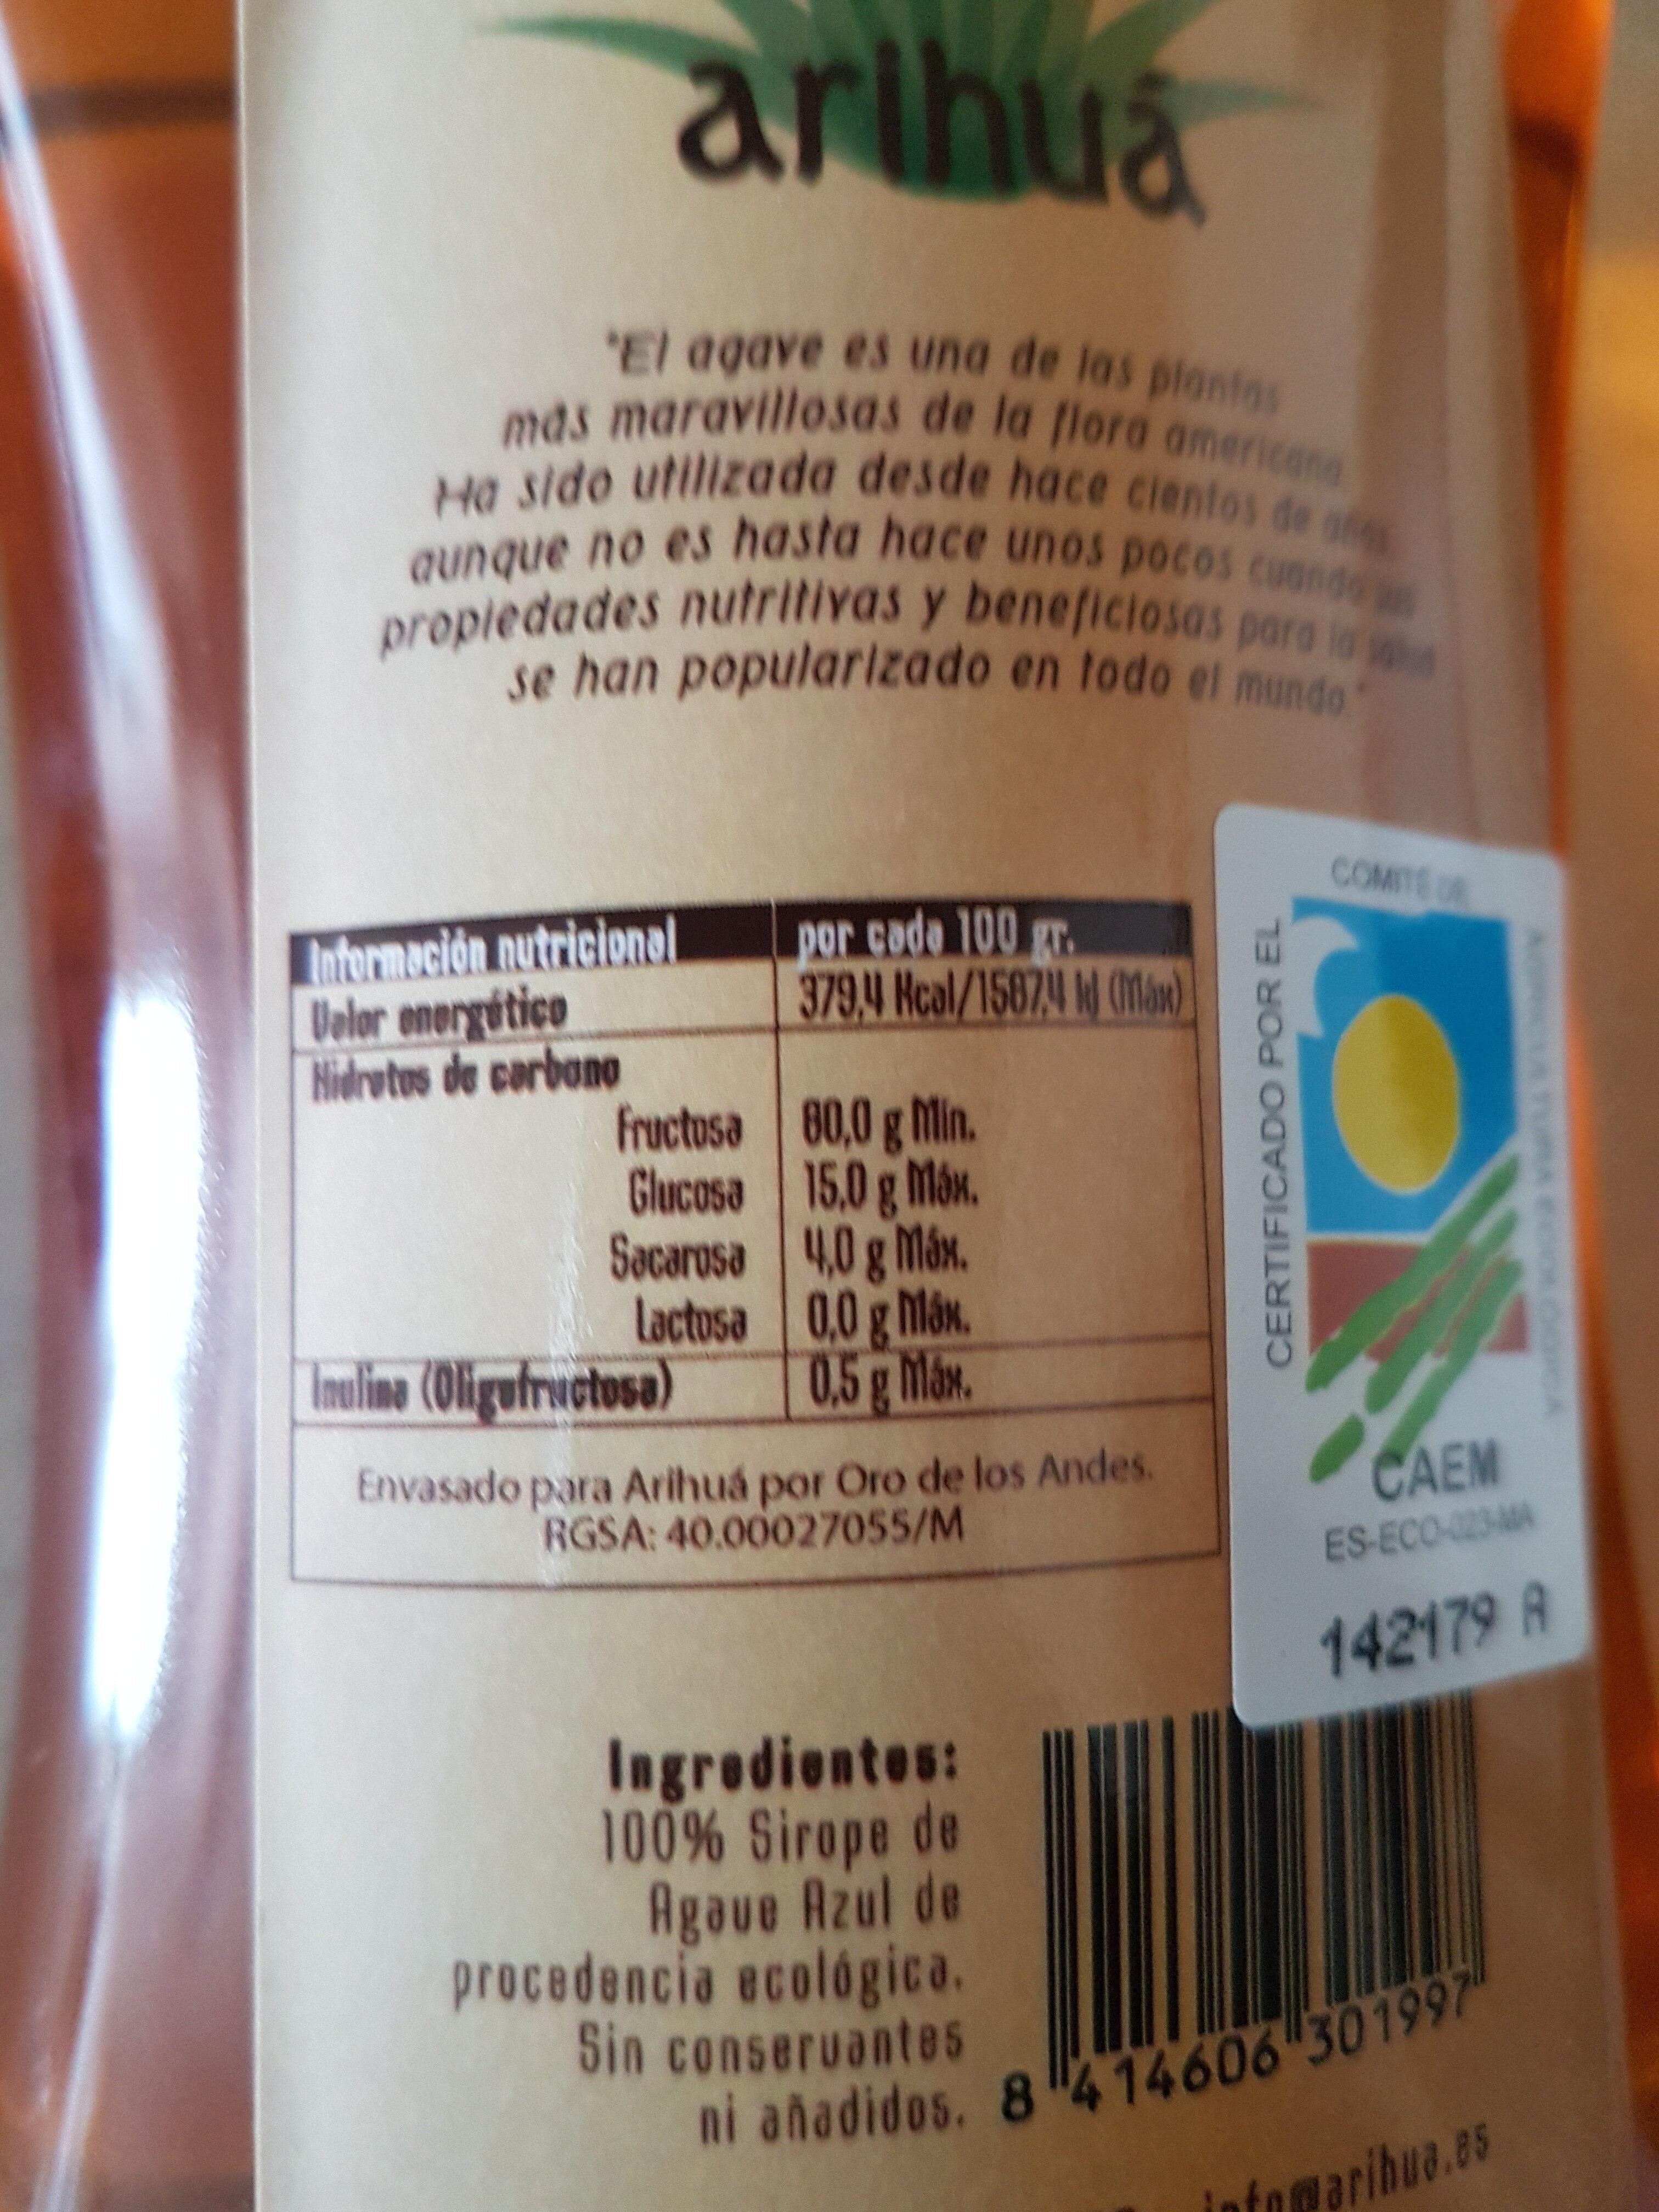 Néctar de agave - Información nutricional